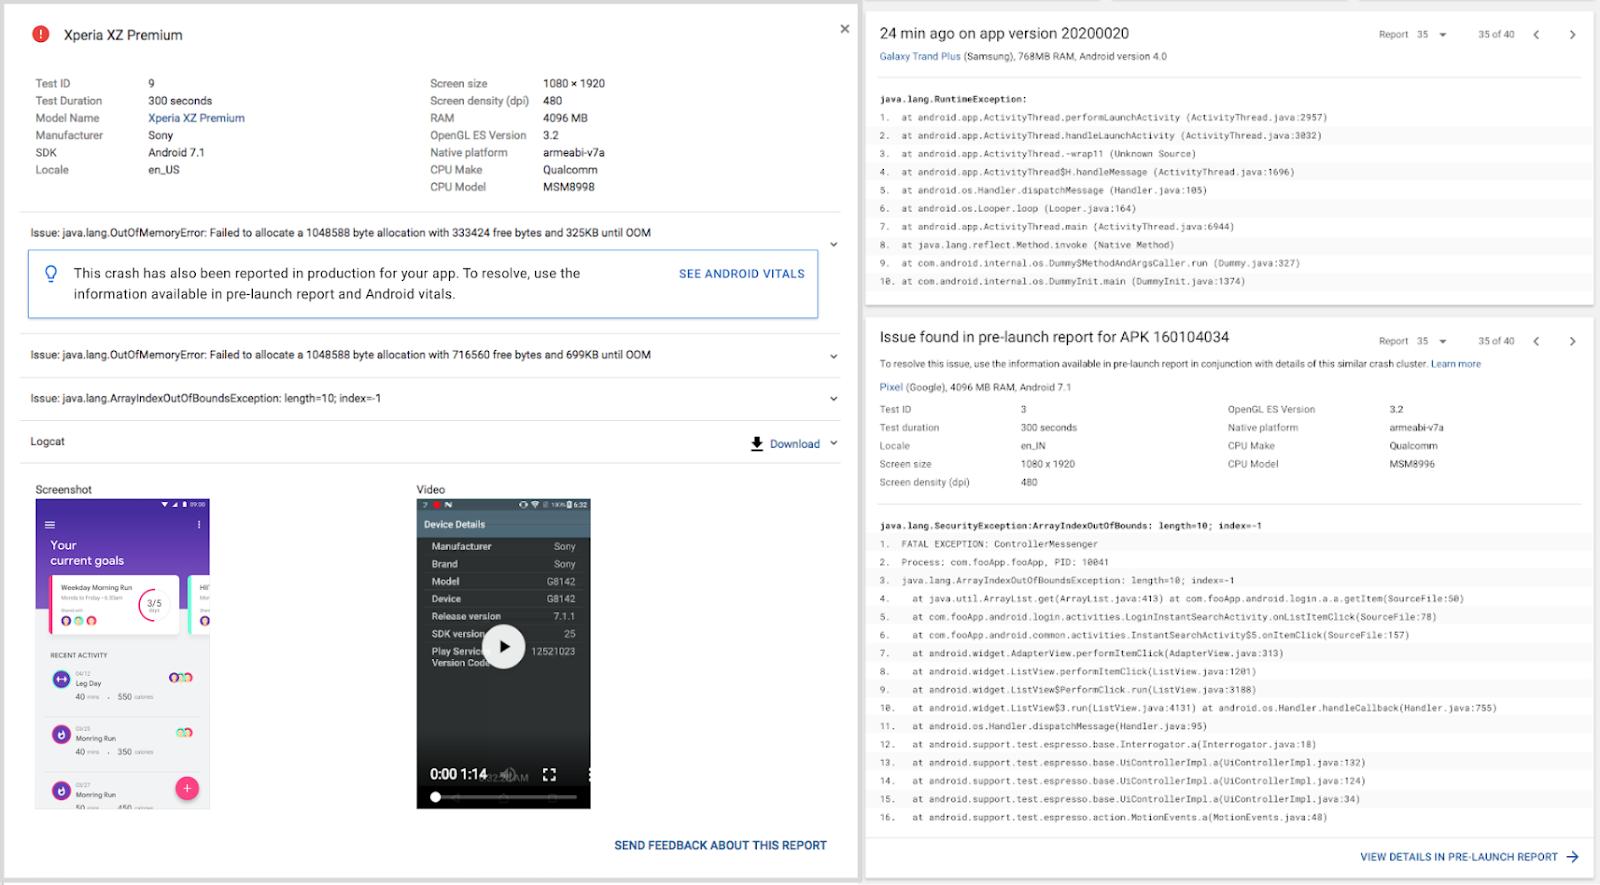 Android Vitals crash report